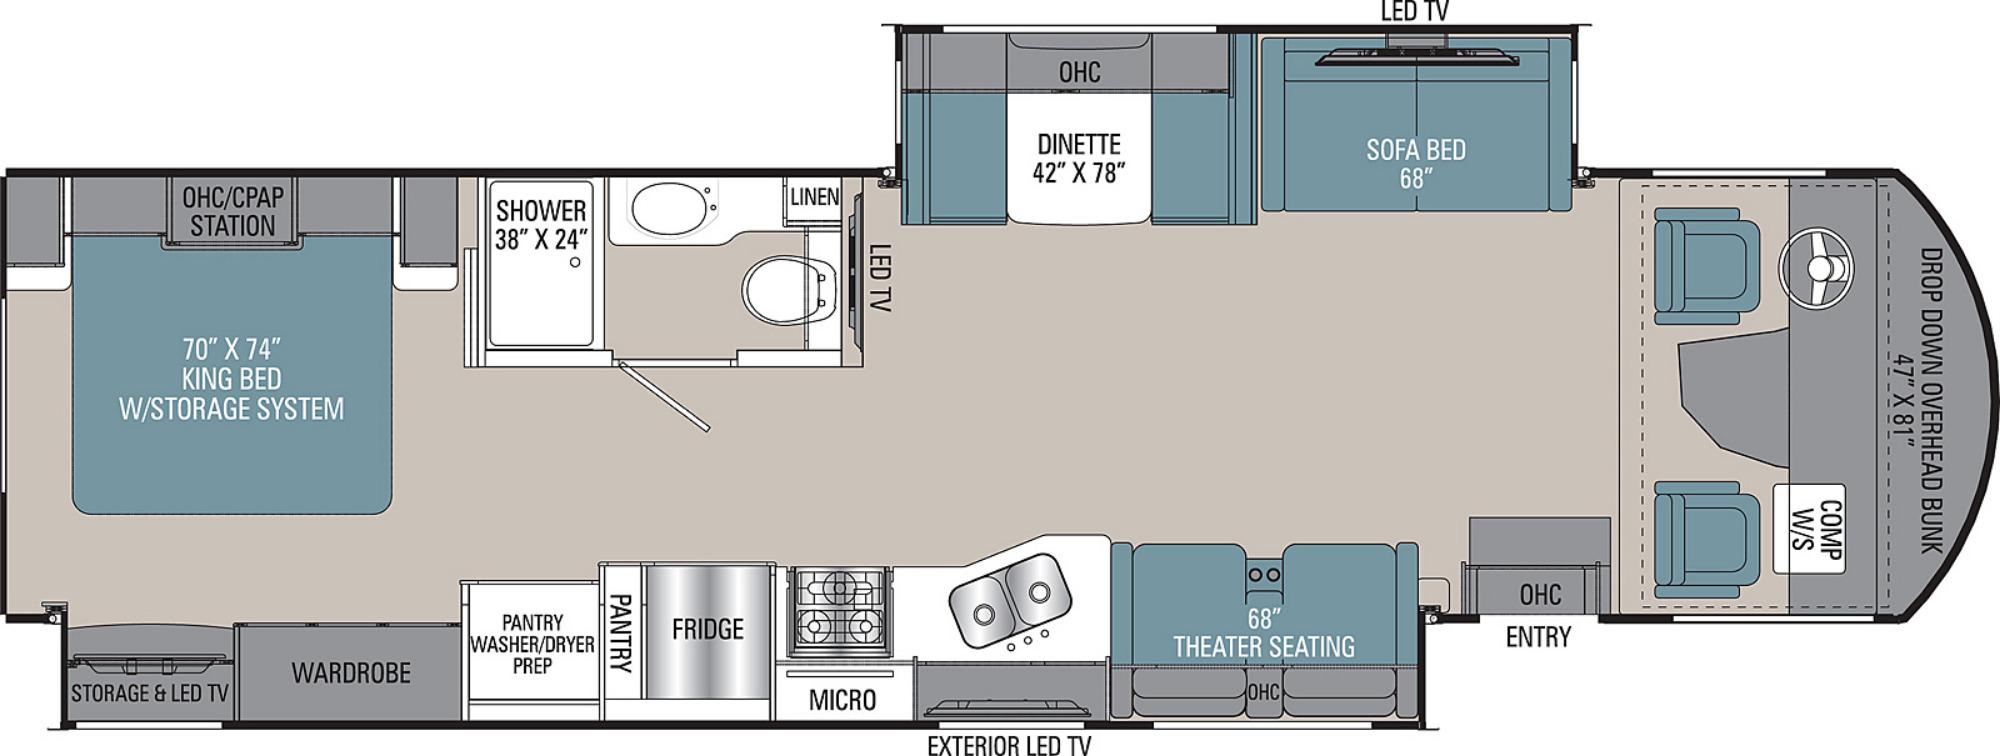 View Floor Plan for 2020 COACHMEN MIRADA 35OS